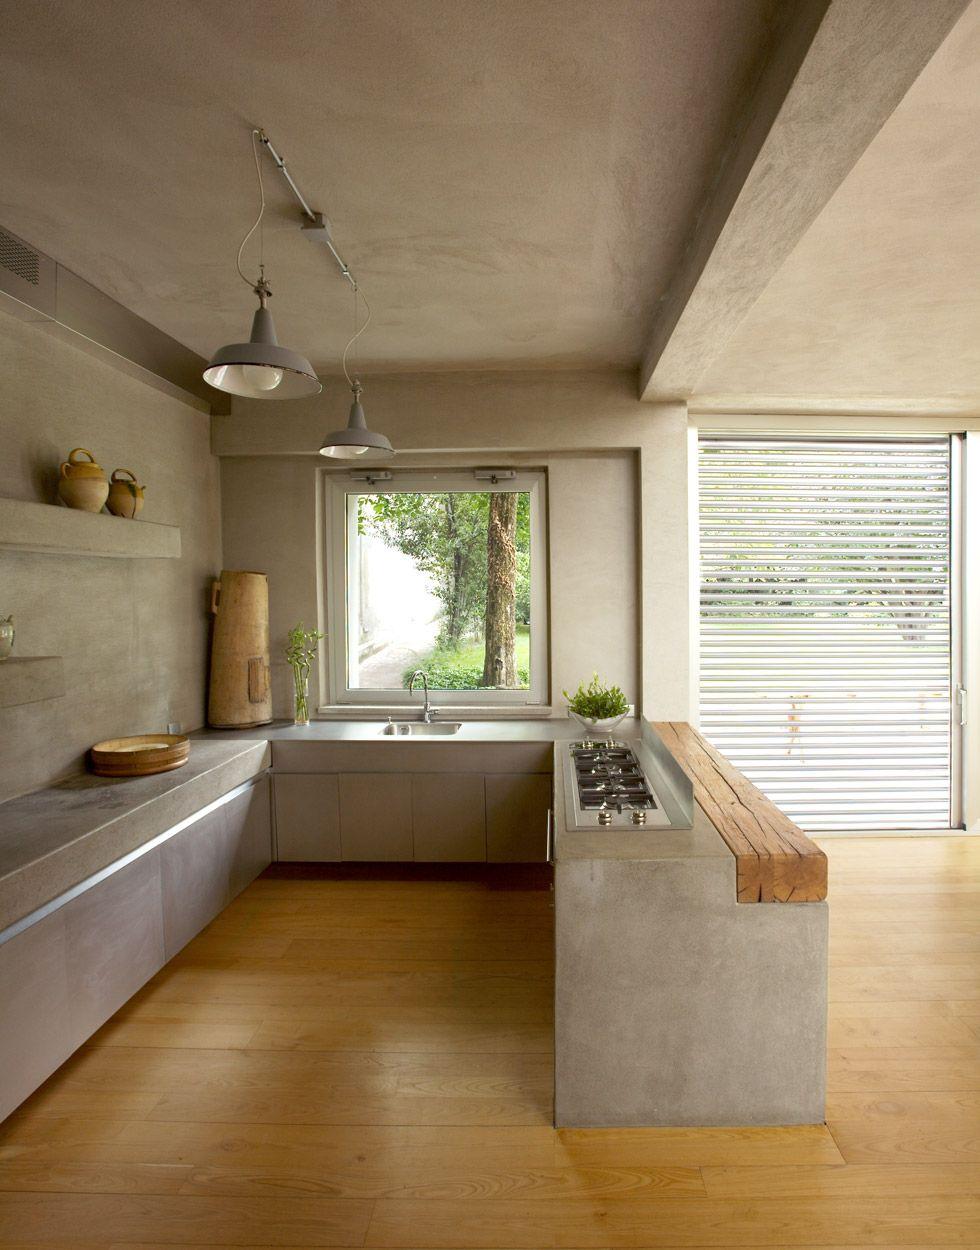 Cucine in muratura 70 idee per progettare una cucina - Cucine in muratura stile moderno ...